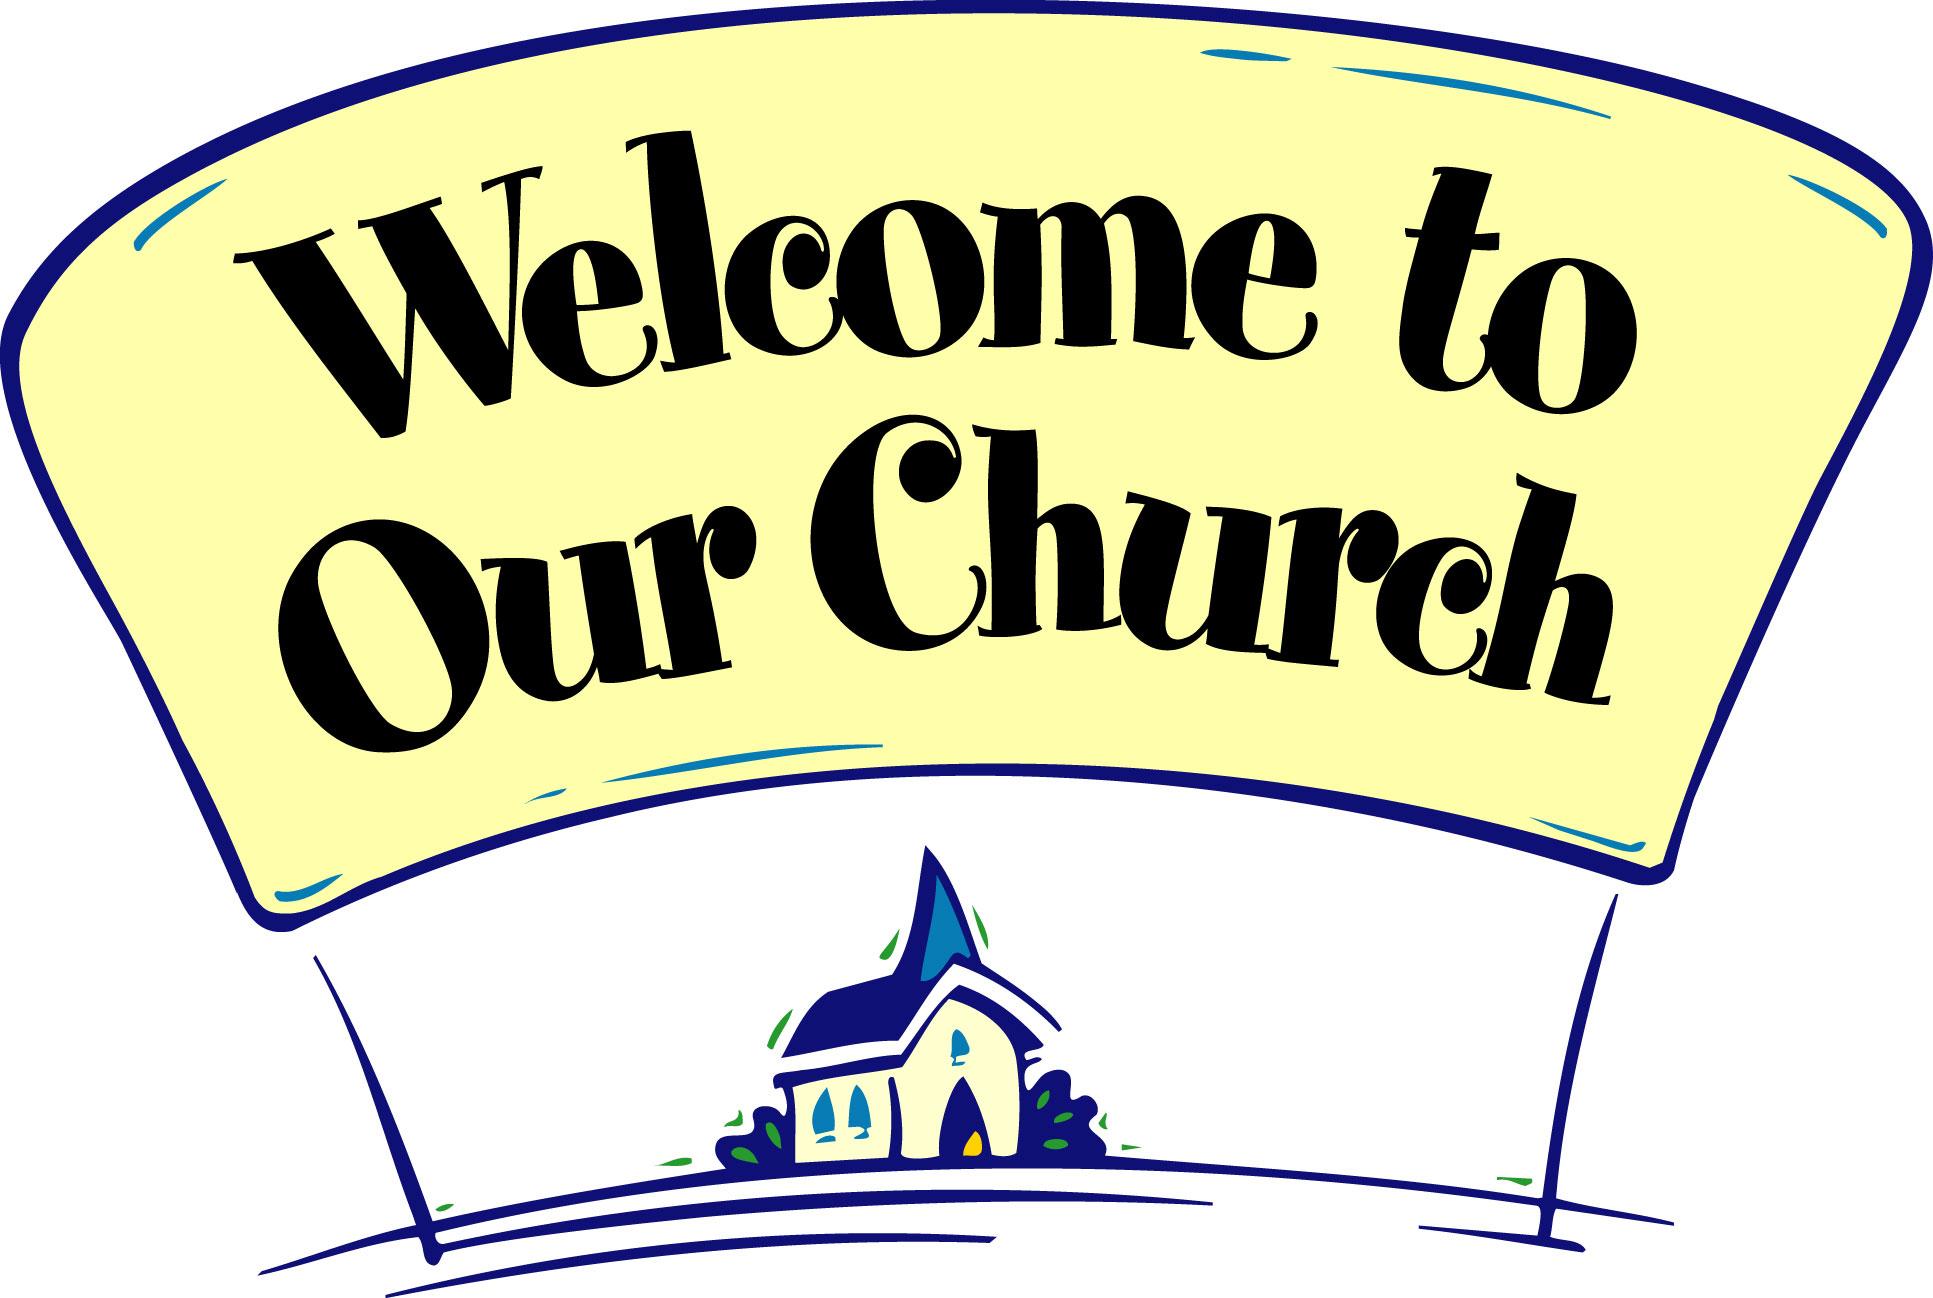 Church schedule clipart